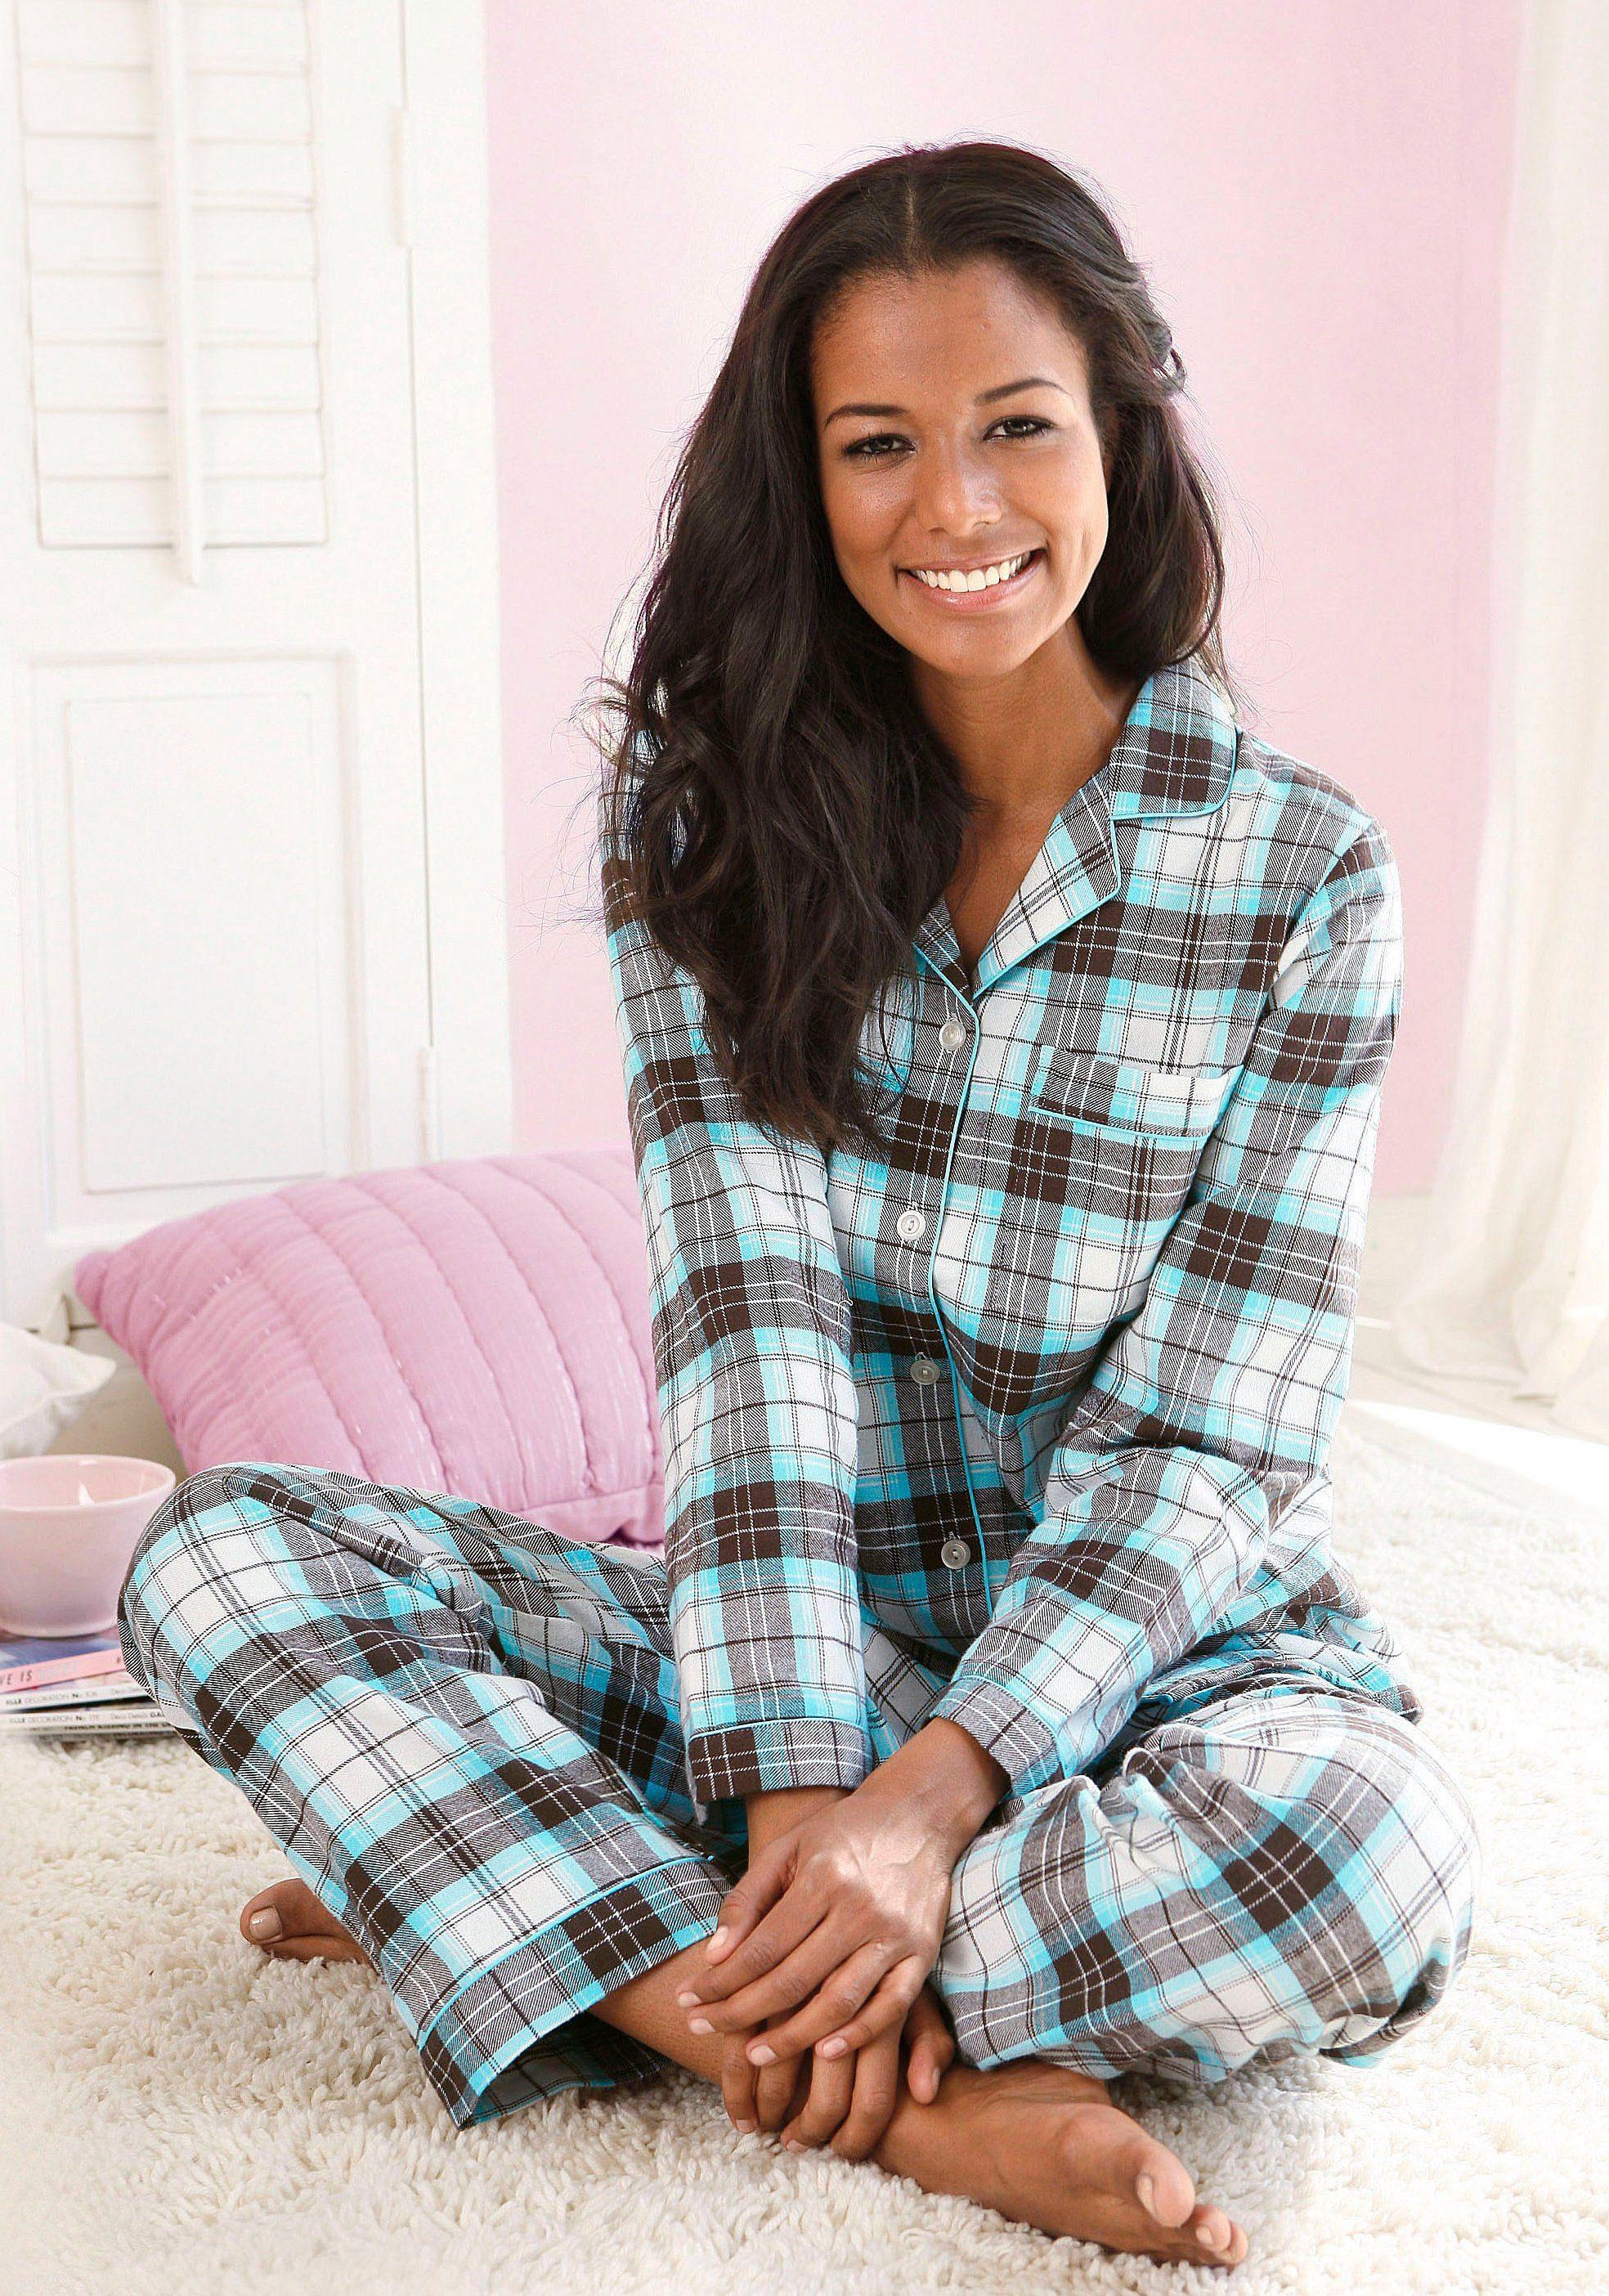 innovative design 9604d da874 Details zu Flanellpyjama Damen Mit Knopfleiste & Hemdkragen Pyjamas Vivance  Dreams